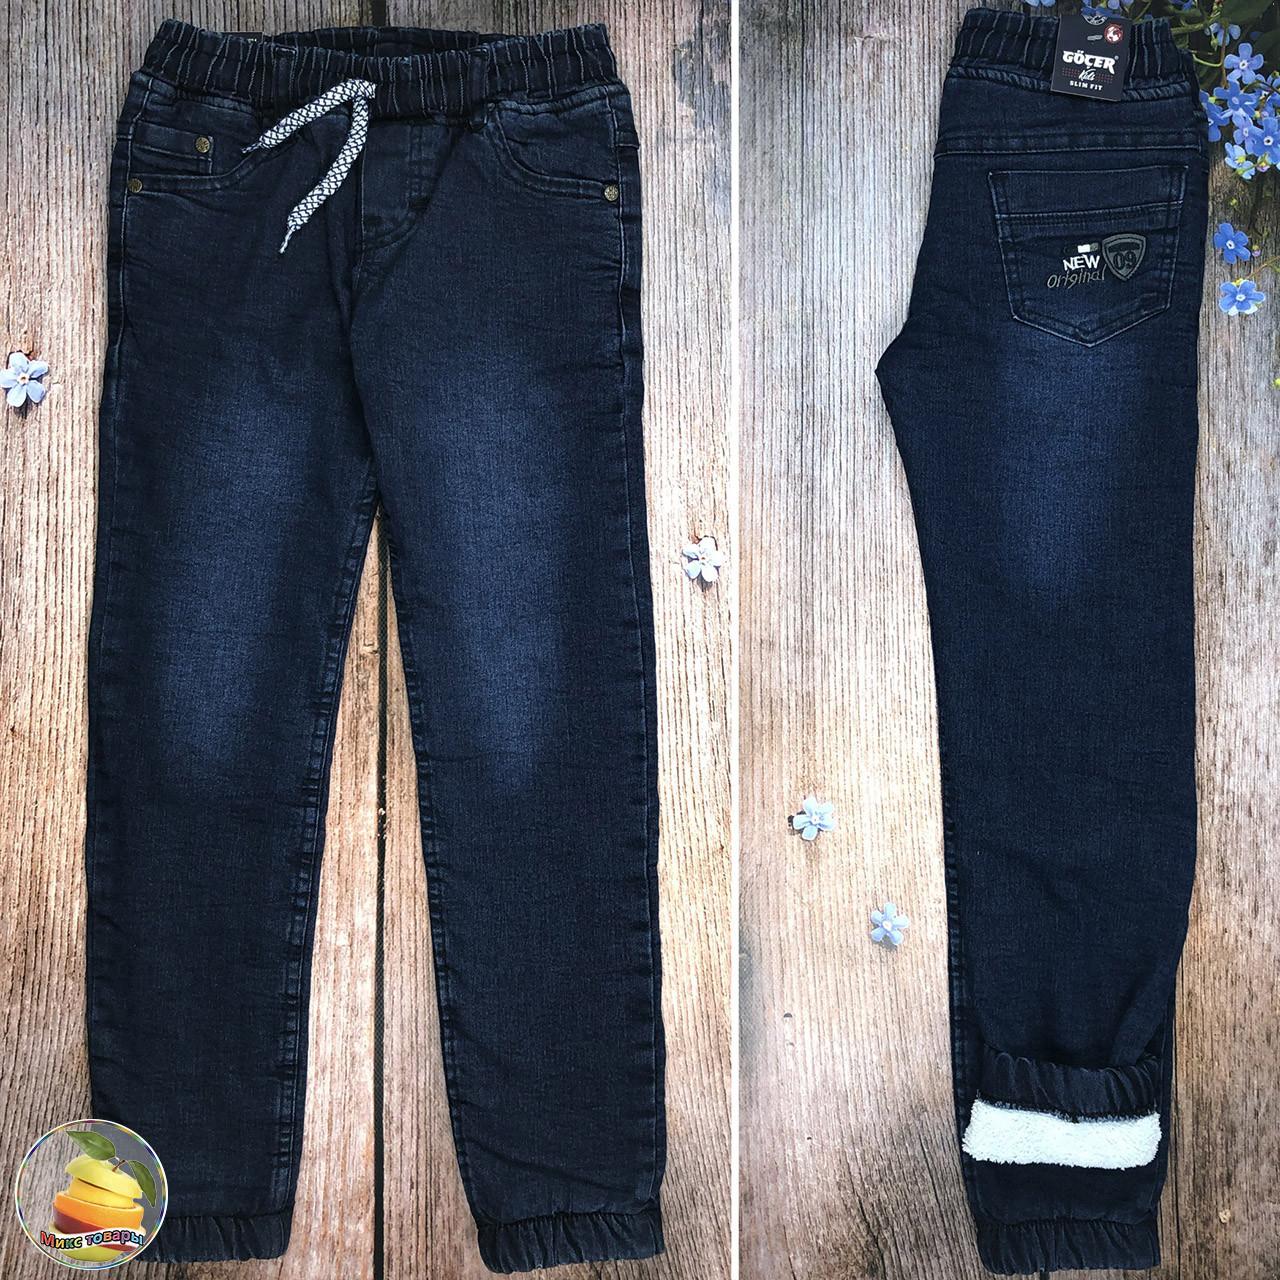 Подростковые джинсы на травке для мальчика Размеры: 9,10,11,12 лет (20942)